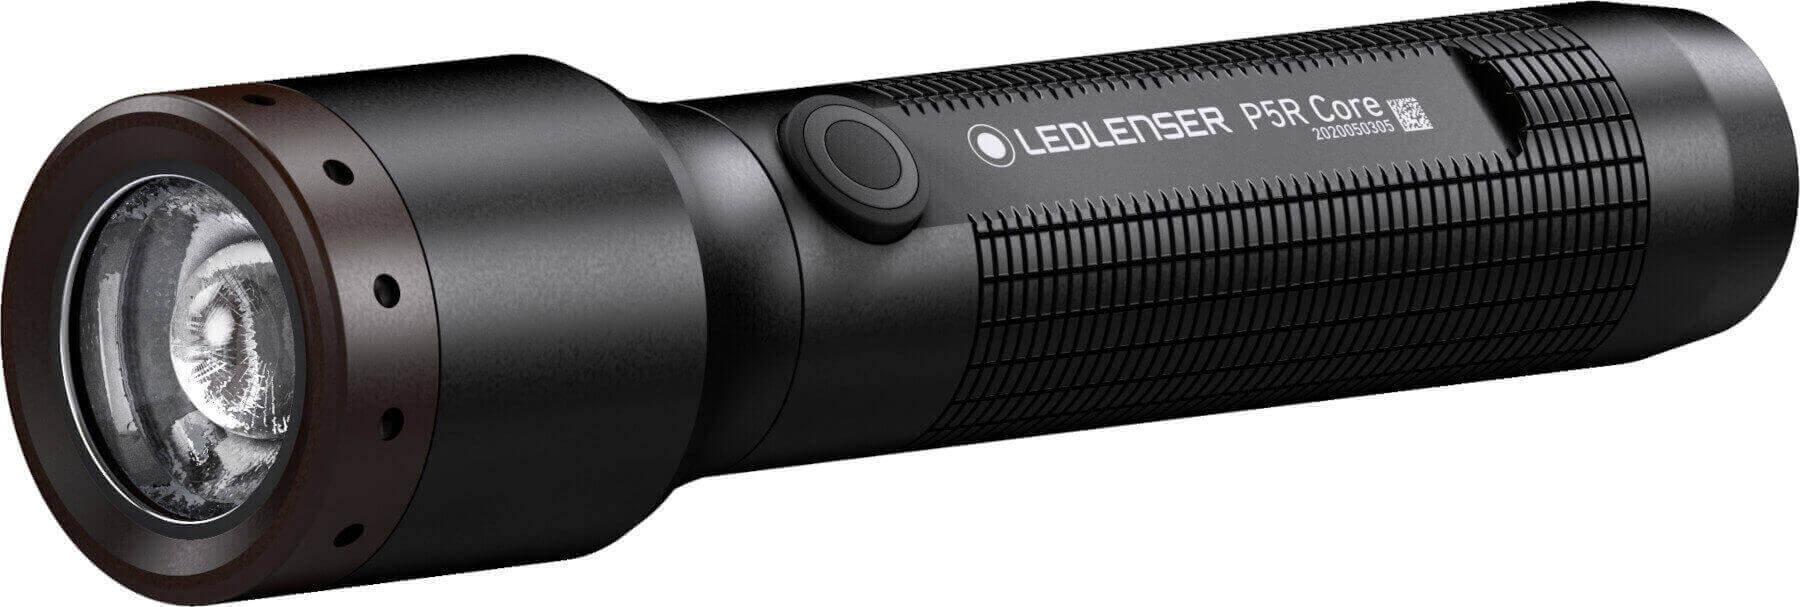 Taschenlampe P5R Core von Ledlenser Komplettansicht